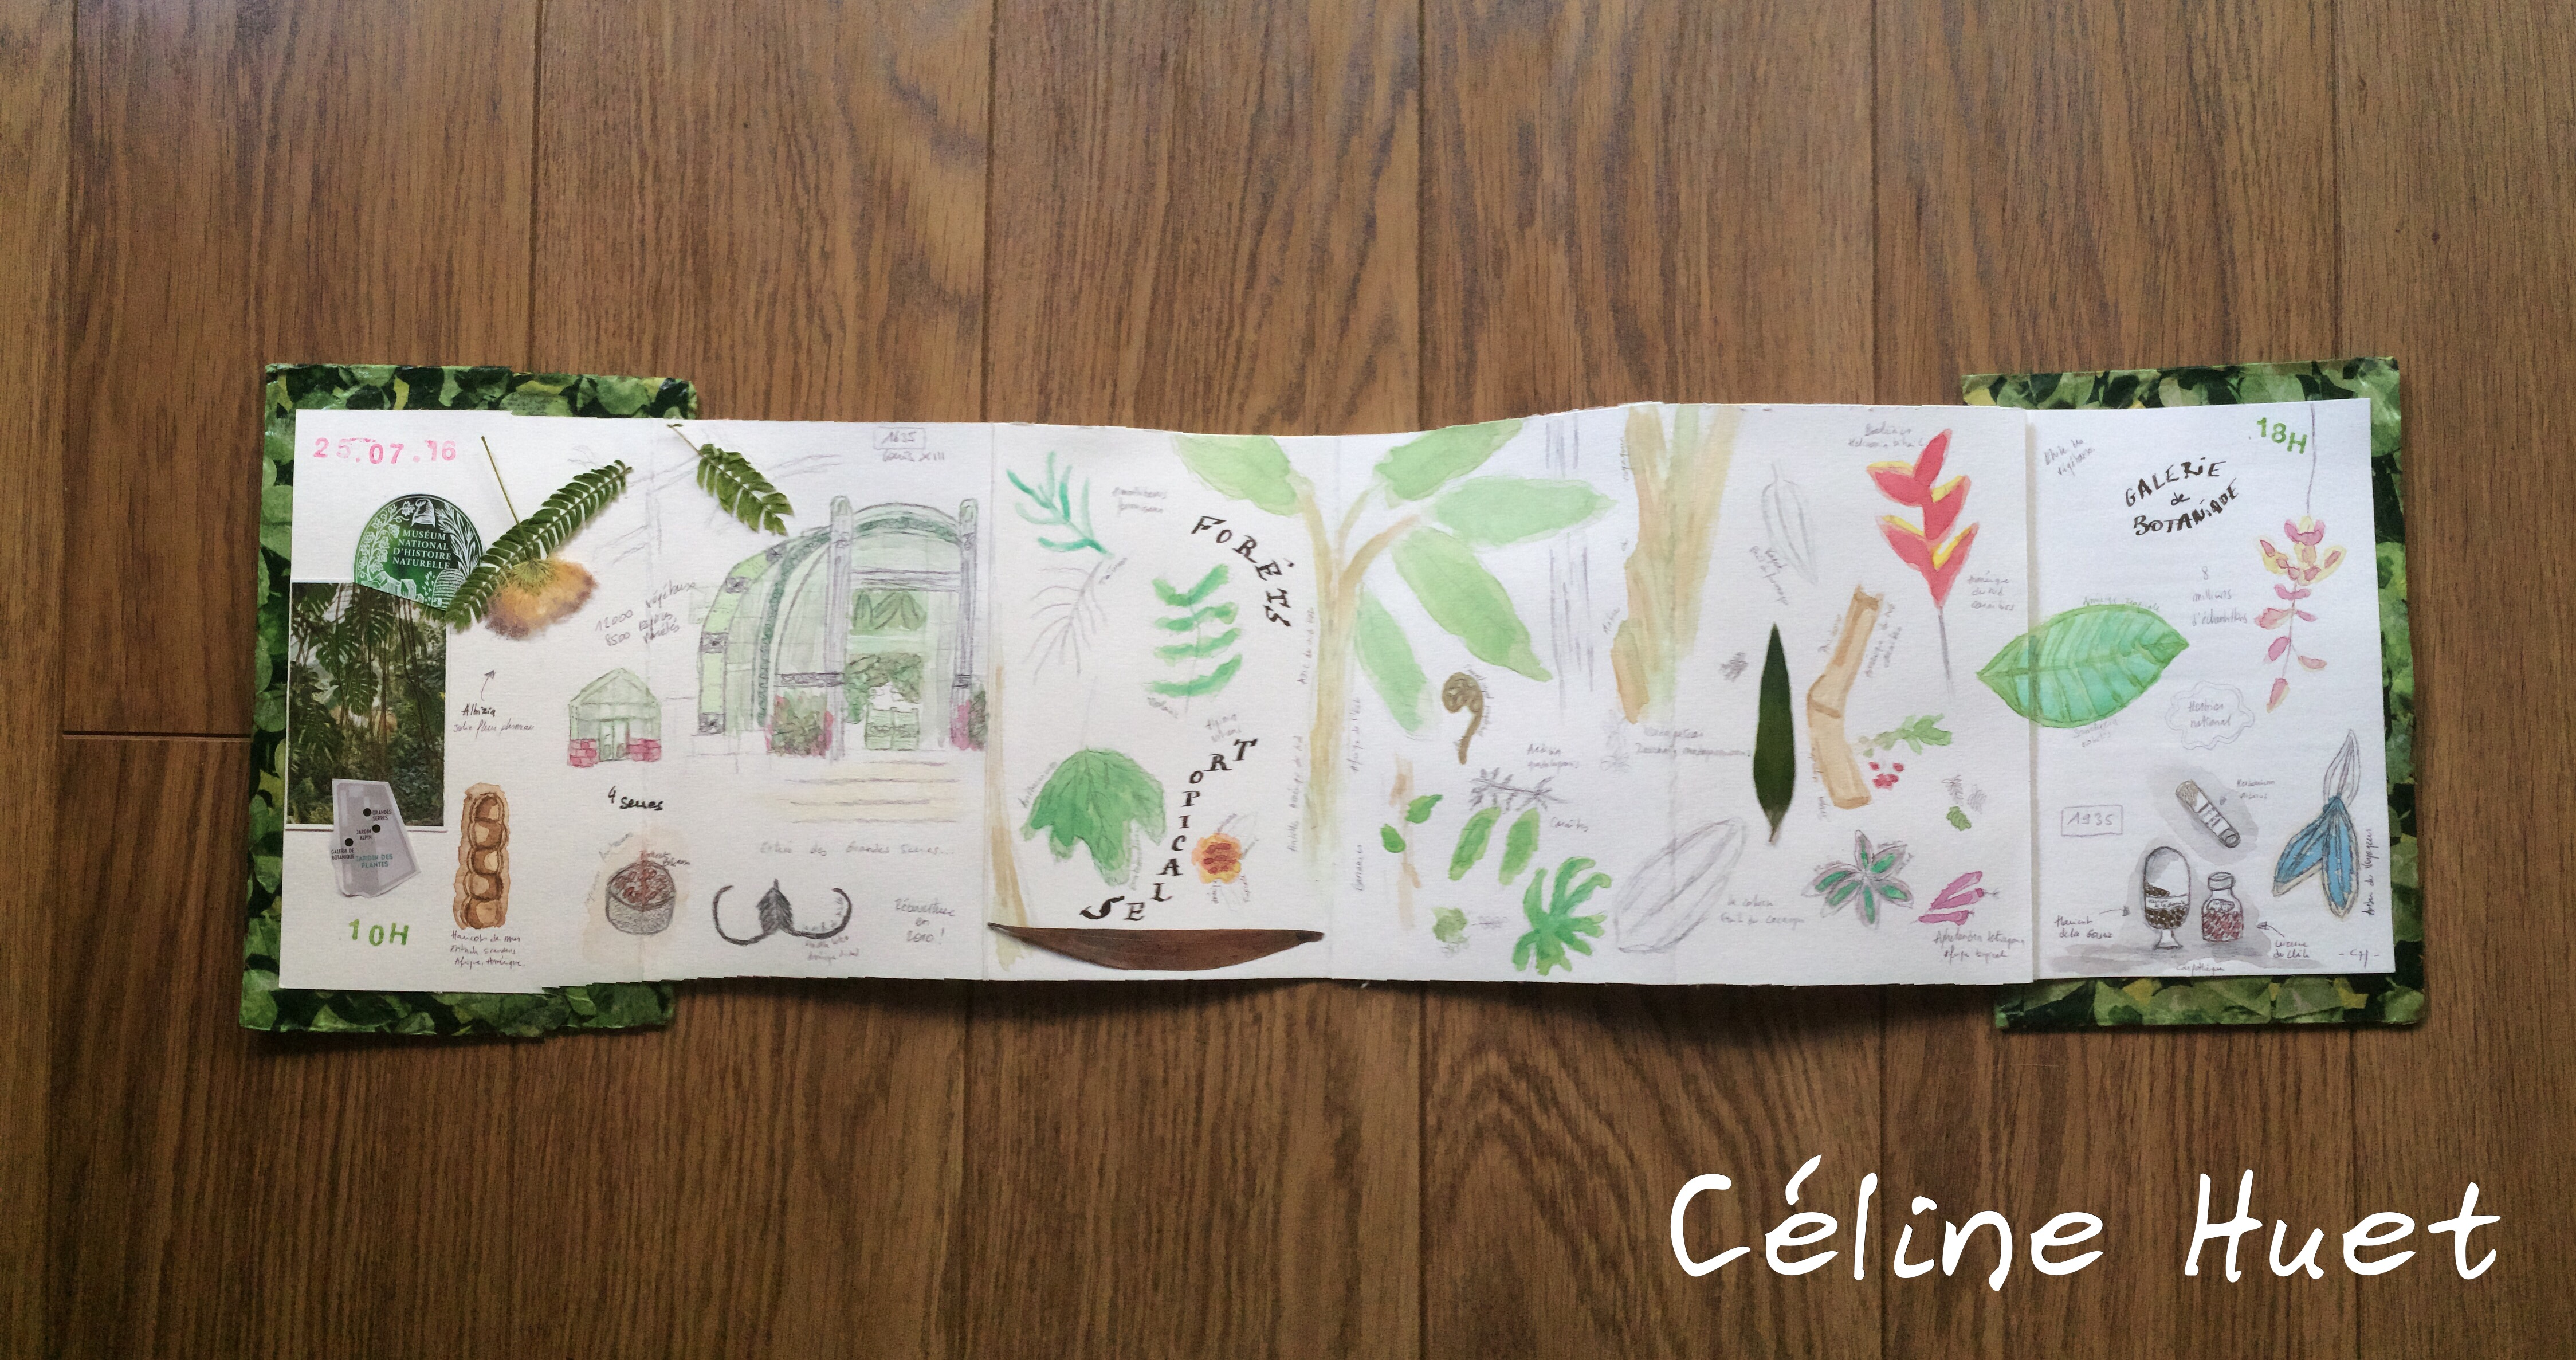 Carnet de voyage botanique et tropical à Paris Céline Huet